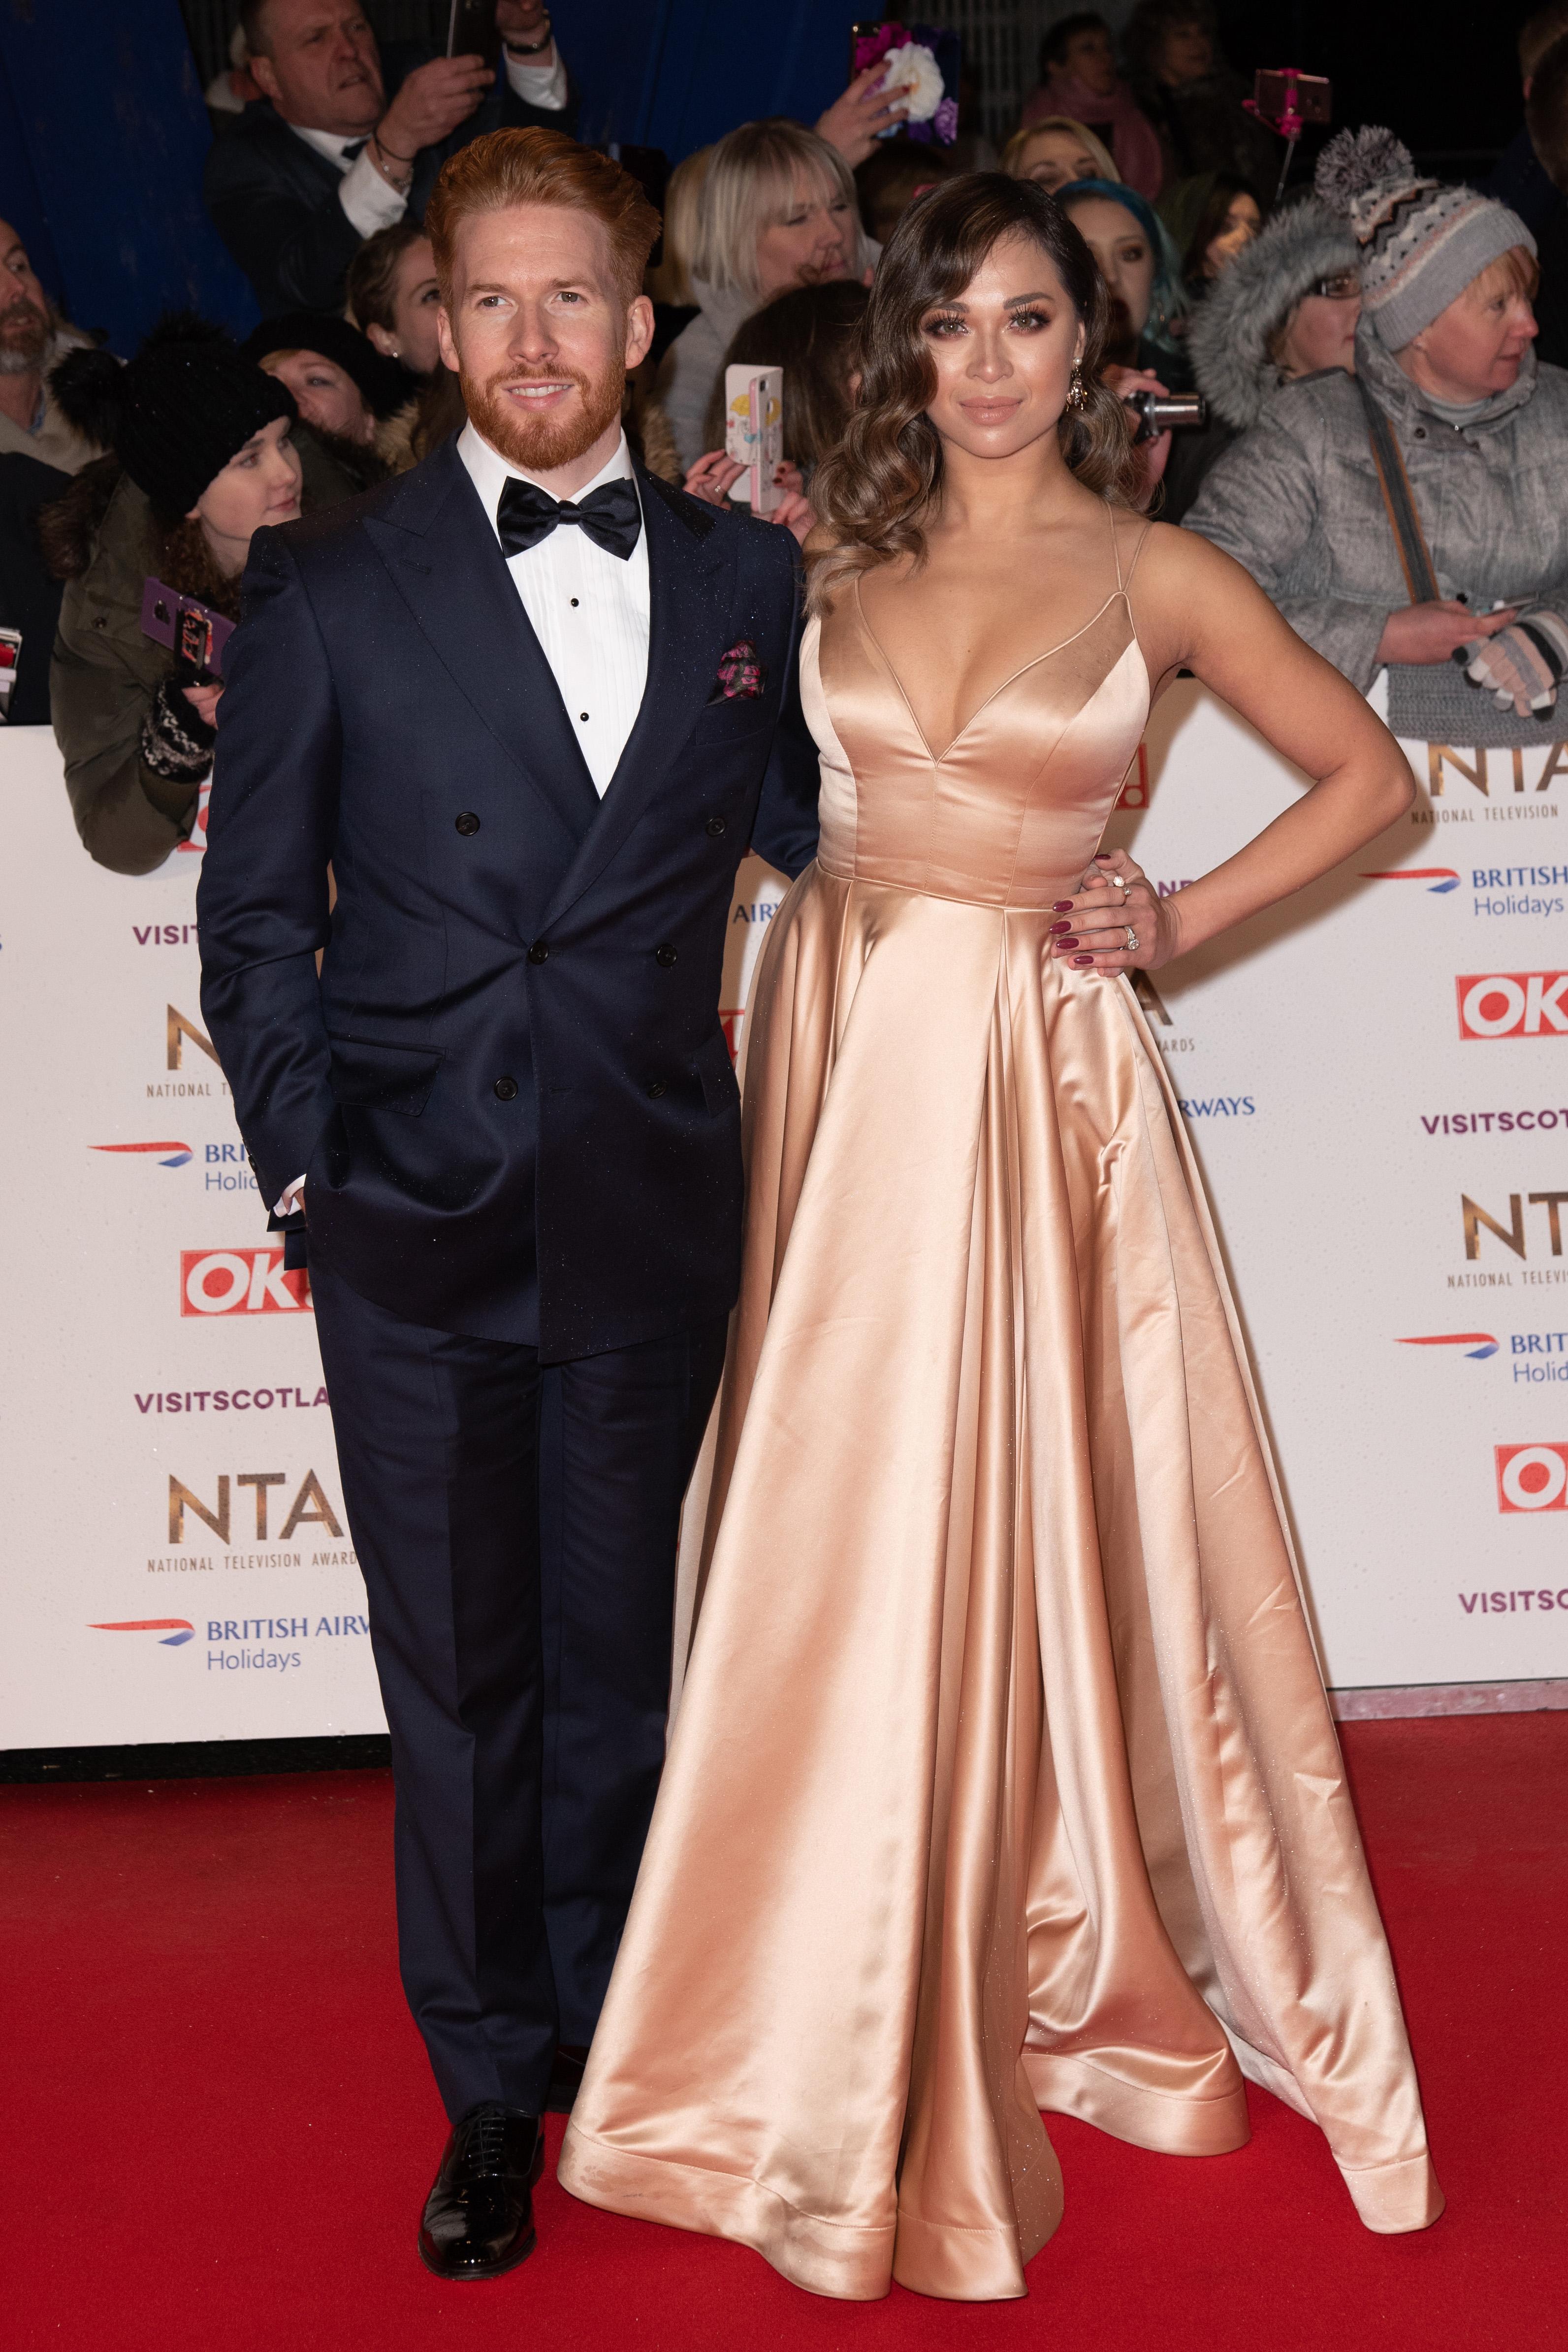 Neil and Katya Jones at the National Television Awards